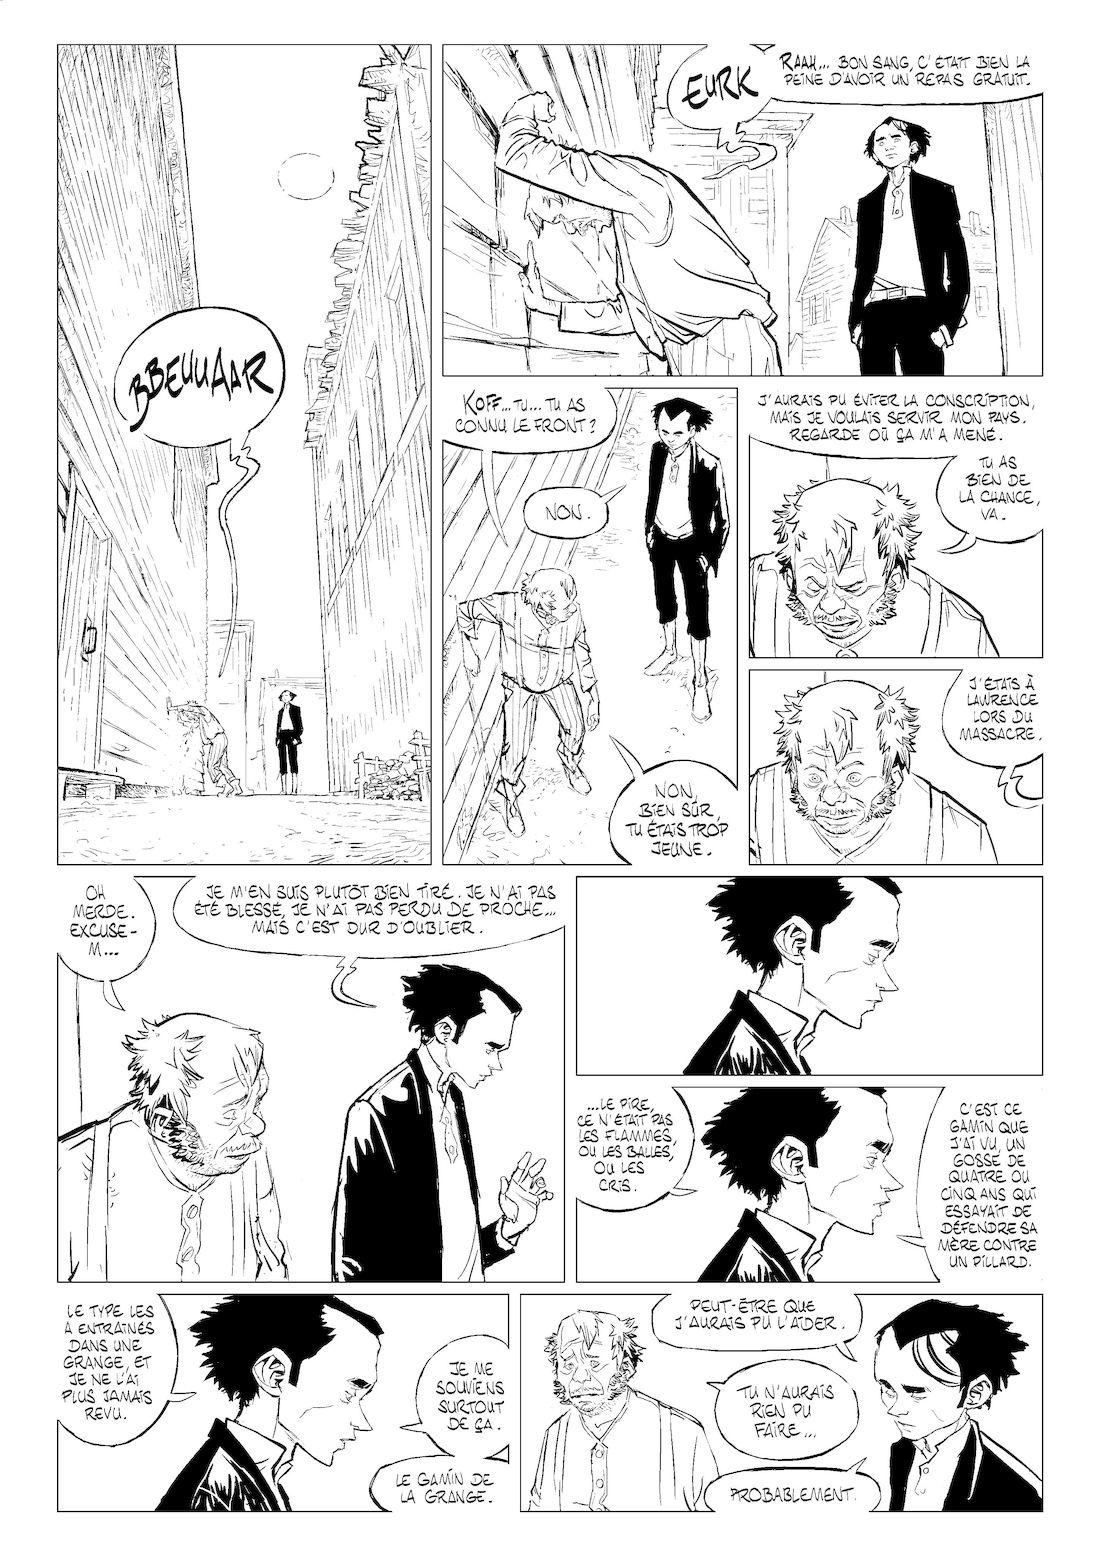 Stern, page 36B, work in progress © Maffre